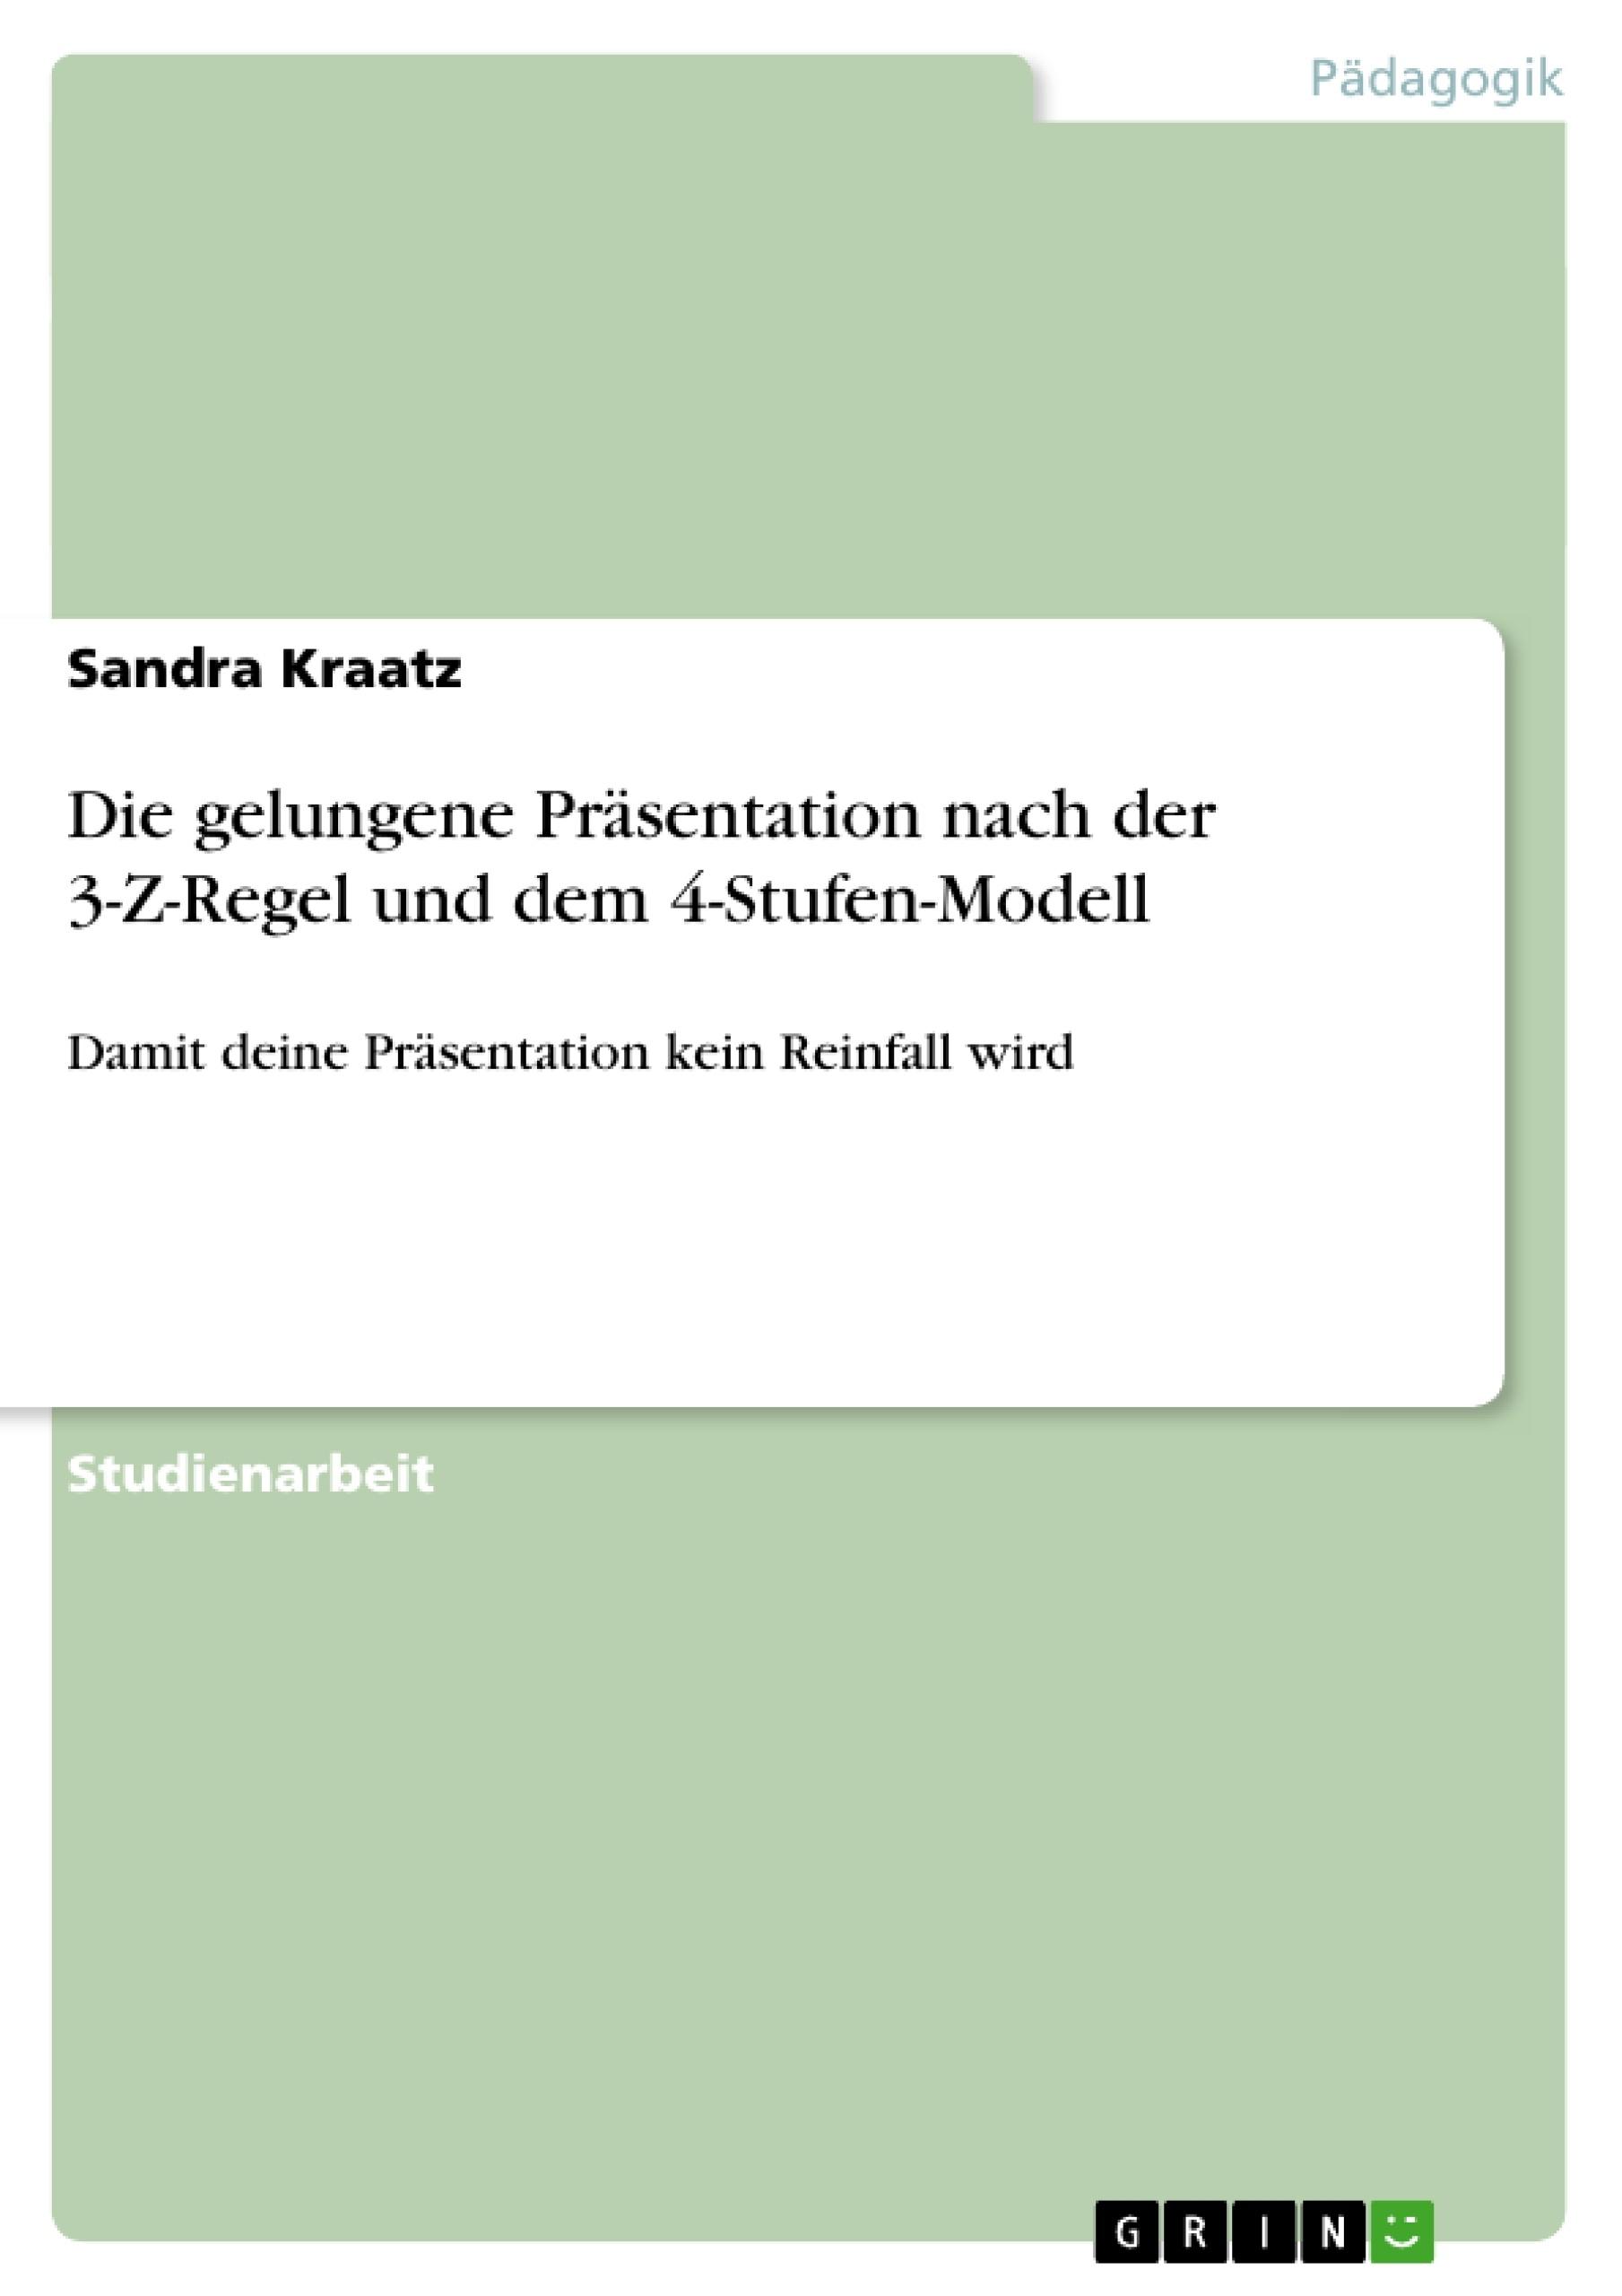 Titel: Die gelungene Präsentation nach der 3-Z-Regel und dem 4-Stufen-Modell